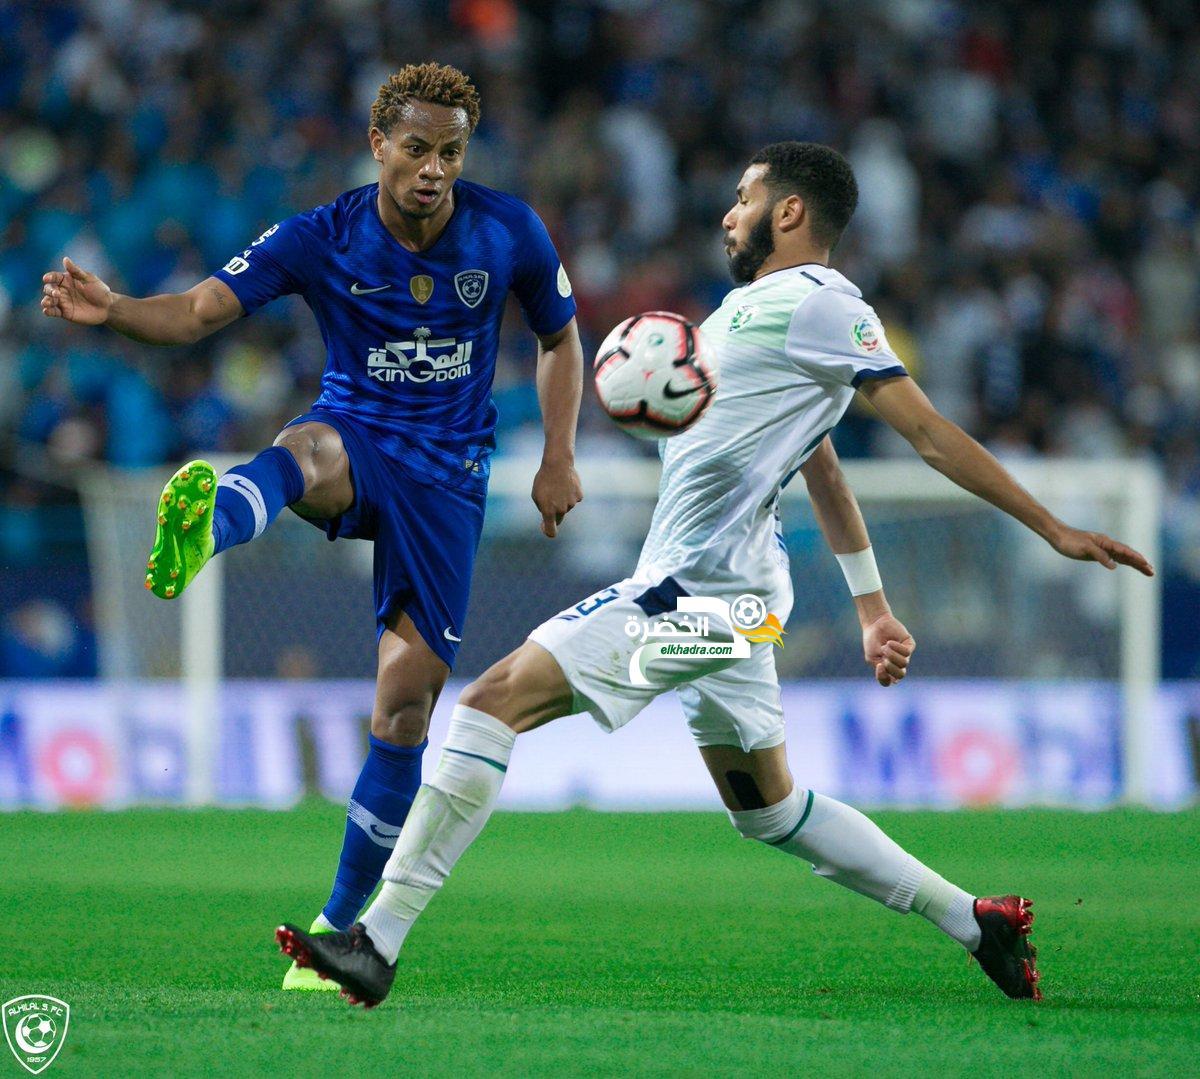 الهلال يفوز على ضيفه الفتح وينفرد بصدارة الدوري السعودي 33